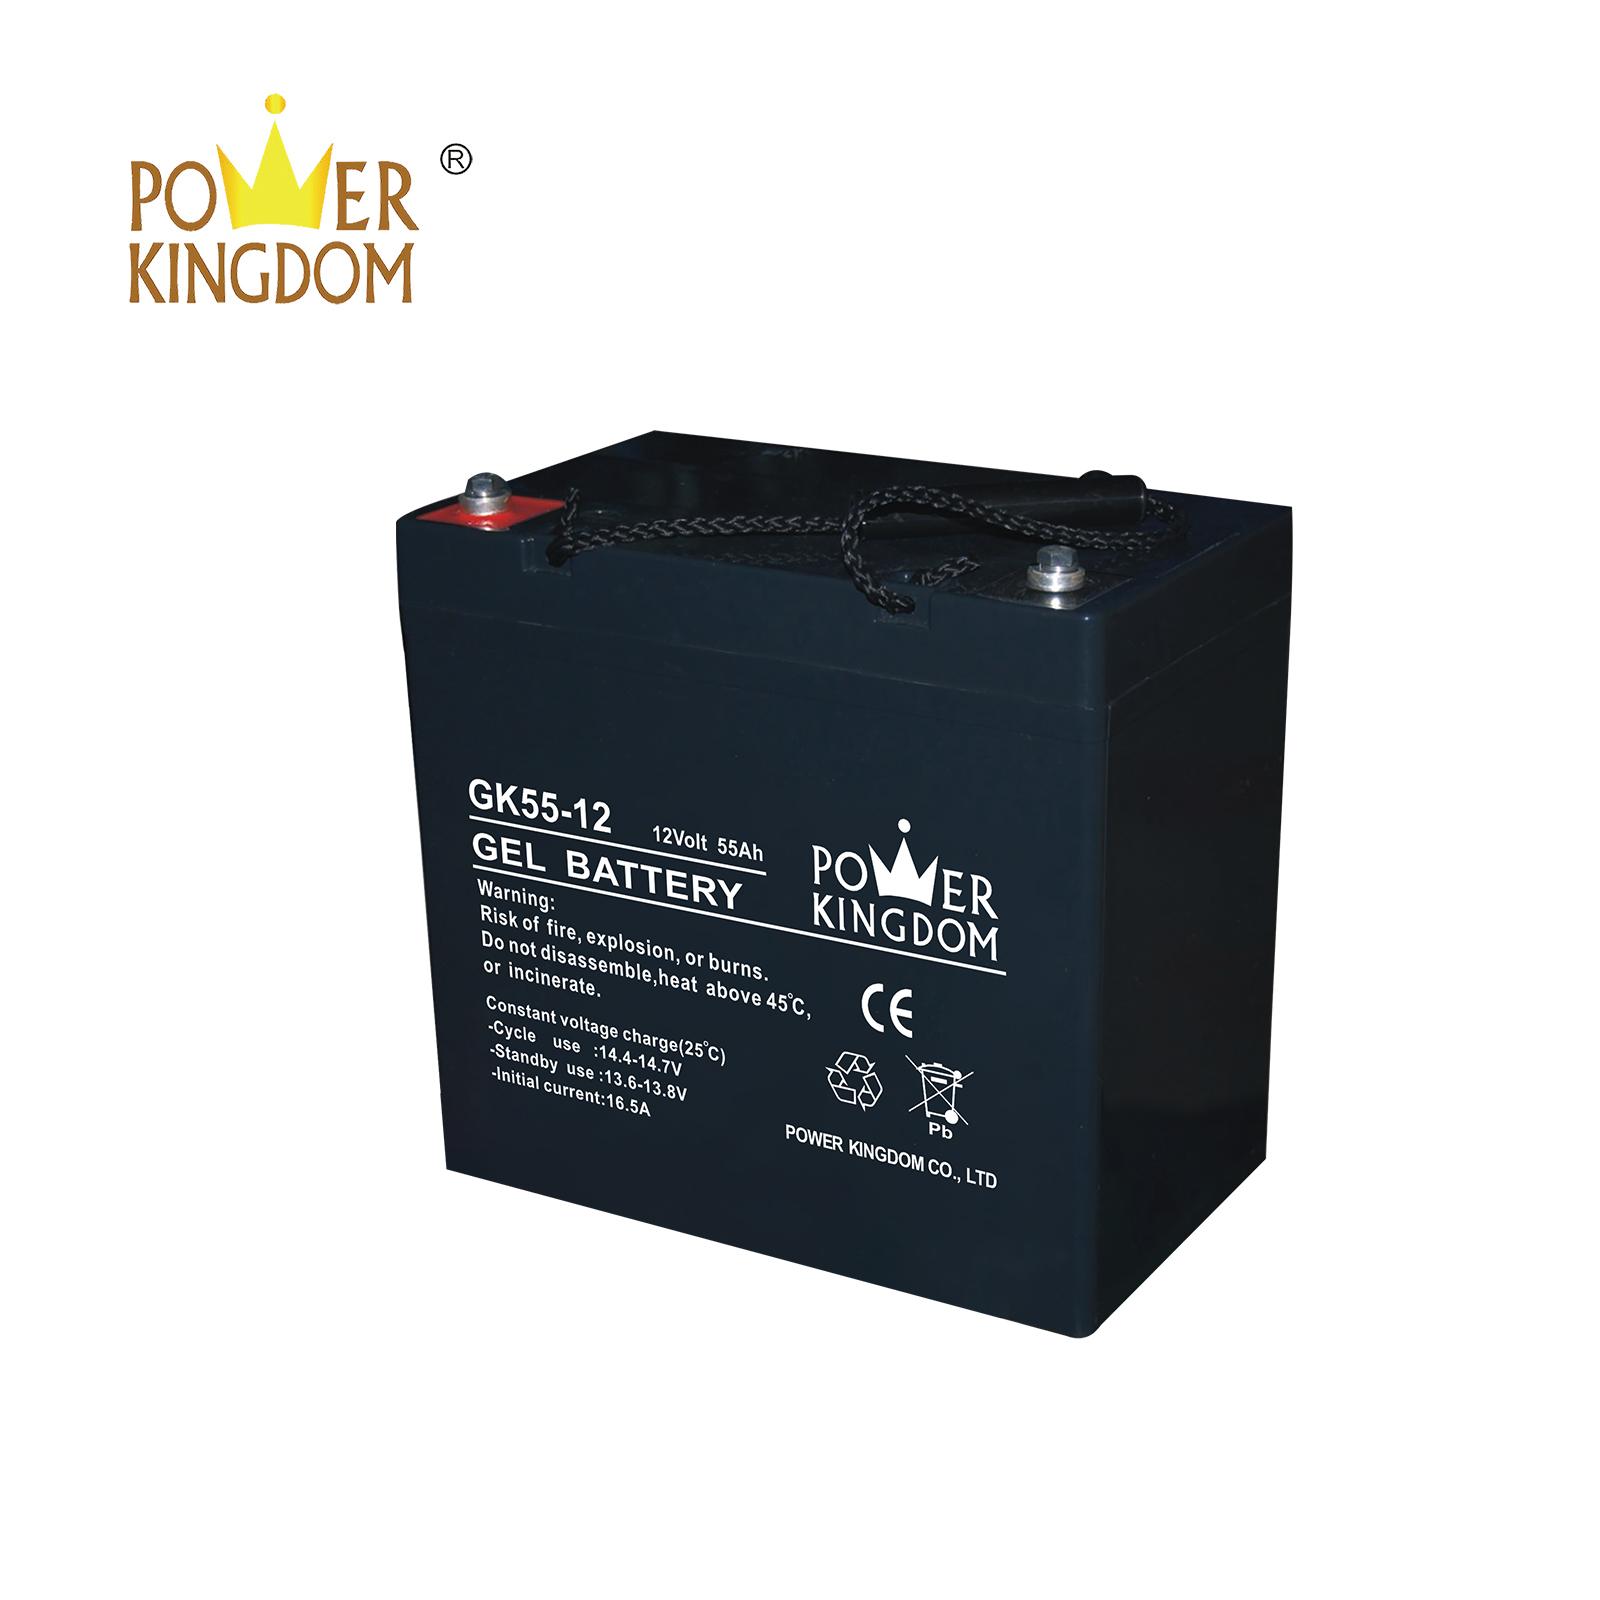 Power Kingdom industrial ups design solor system-2